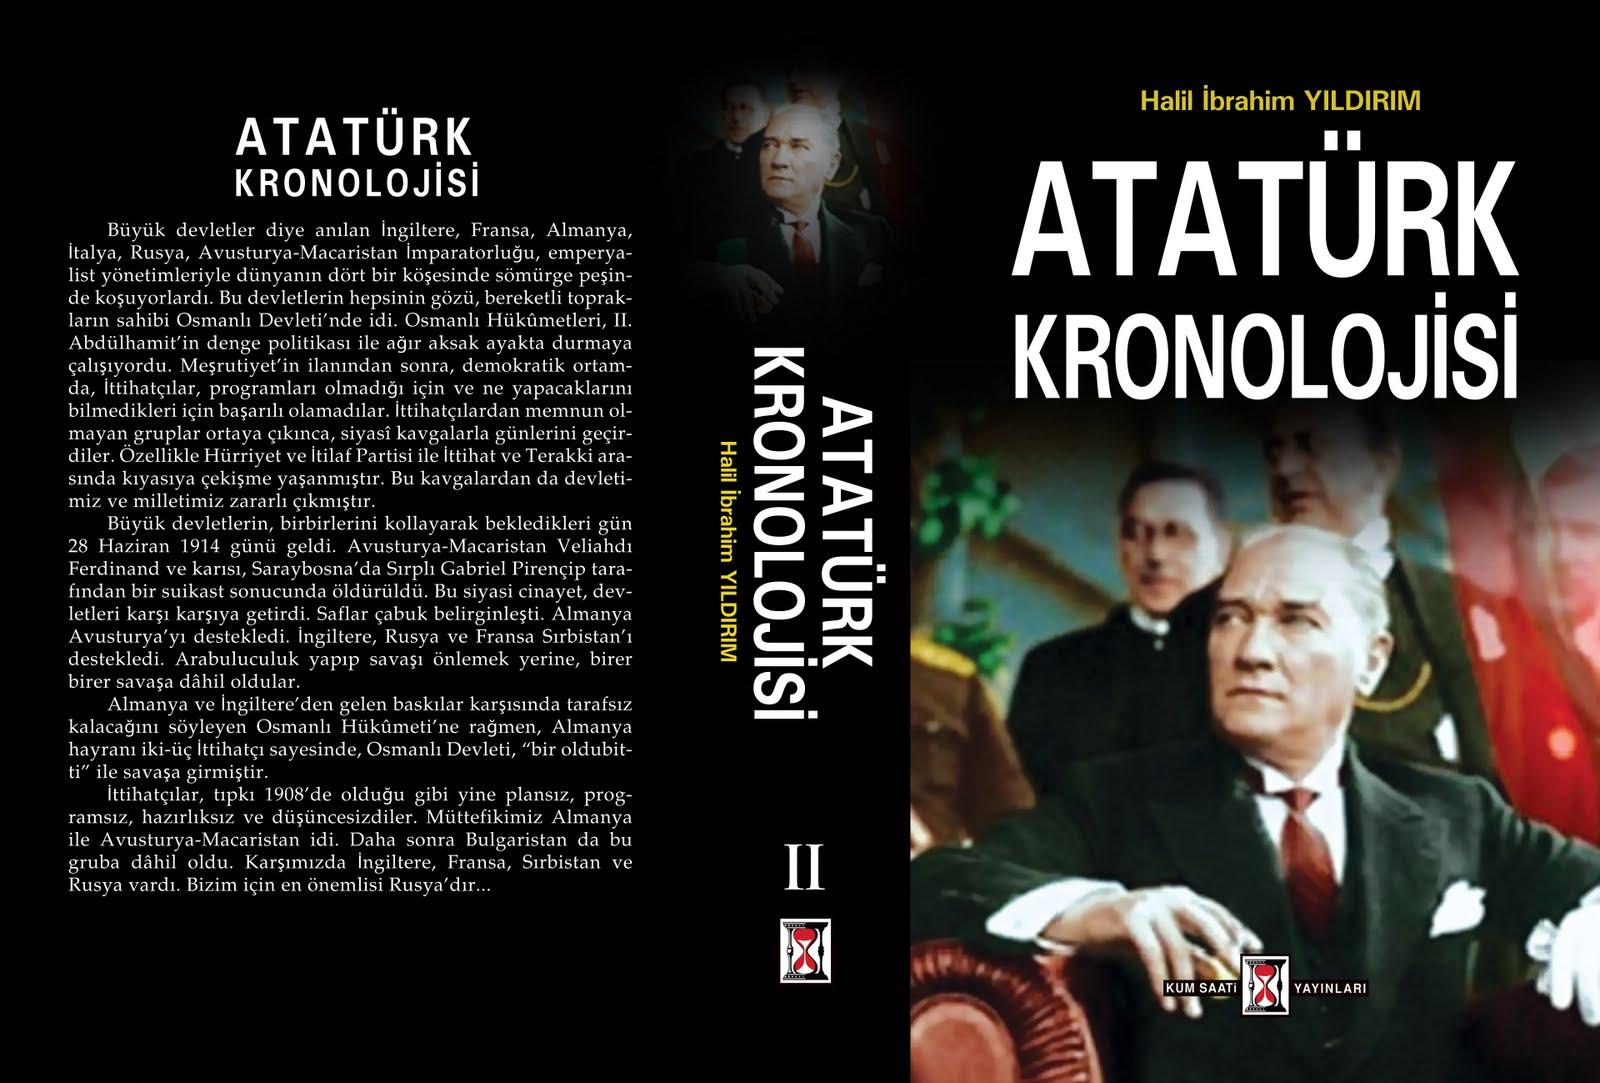 Atatürk Fotoğrafları kronolojik